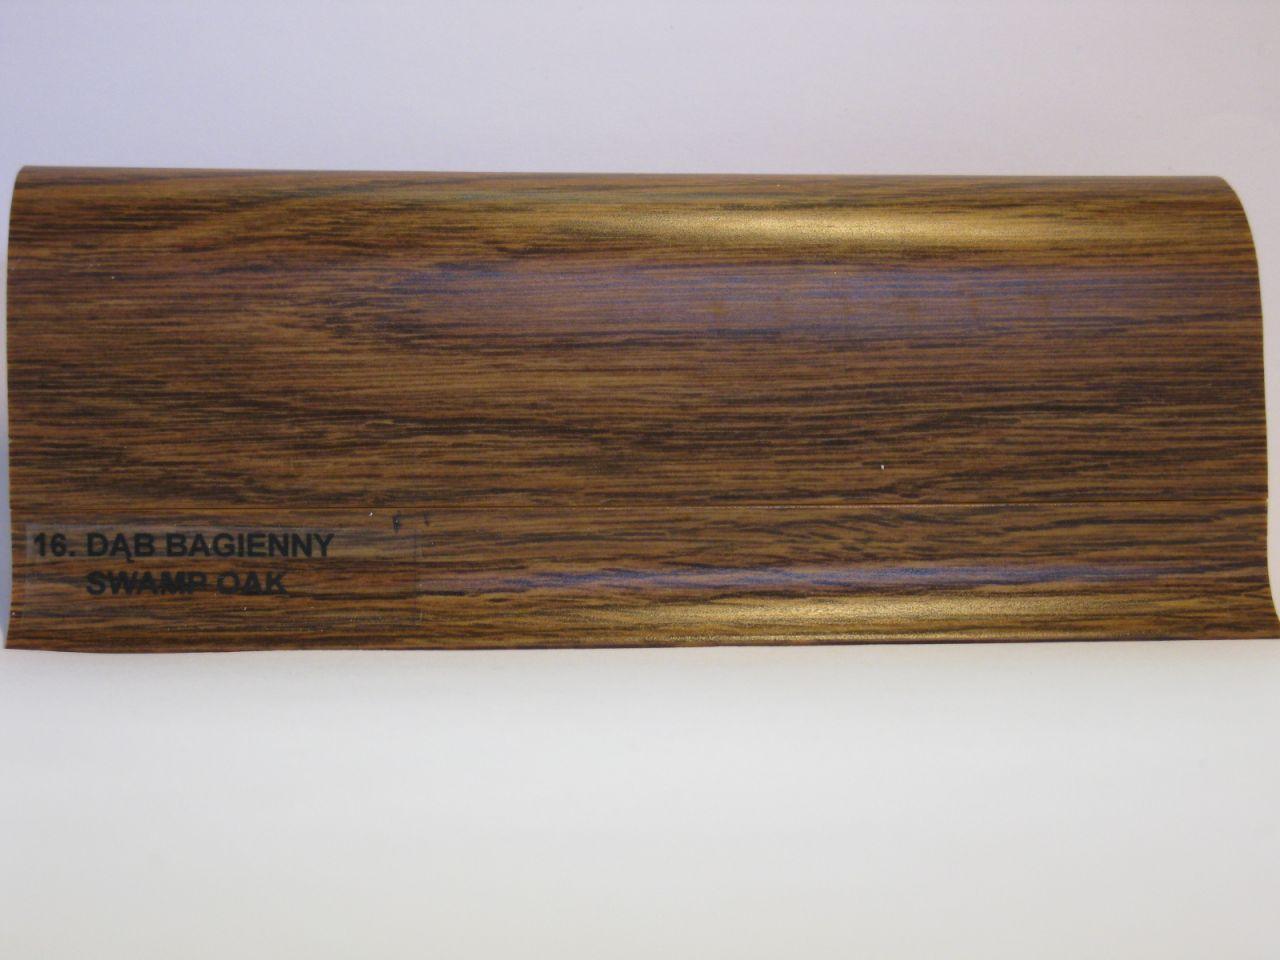 SALAG NG szegélyléc, mocsári tölgy, gumis szegéllyel NGF 56mm, hossz: 2,50m